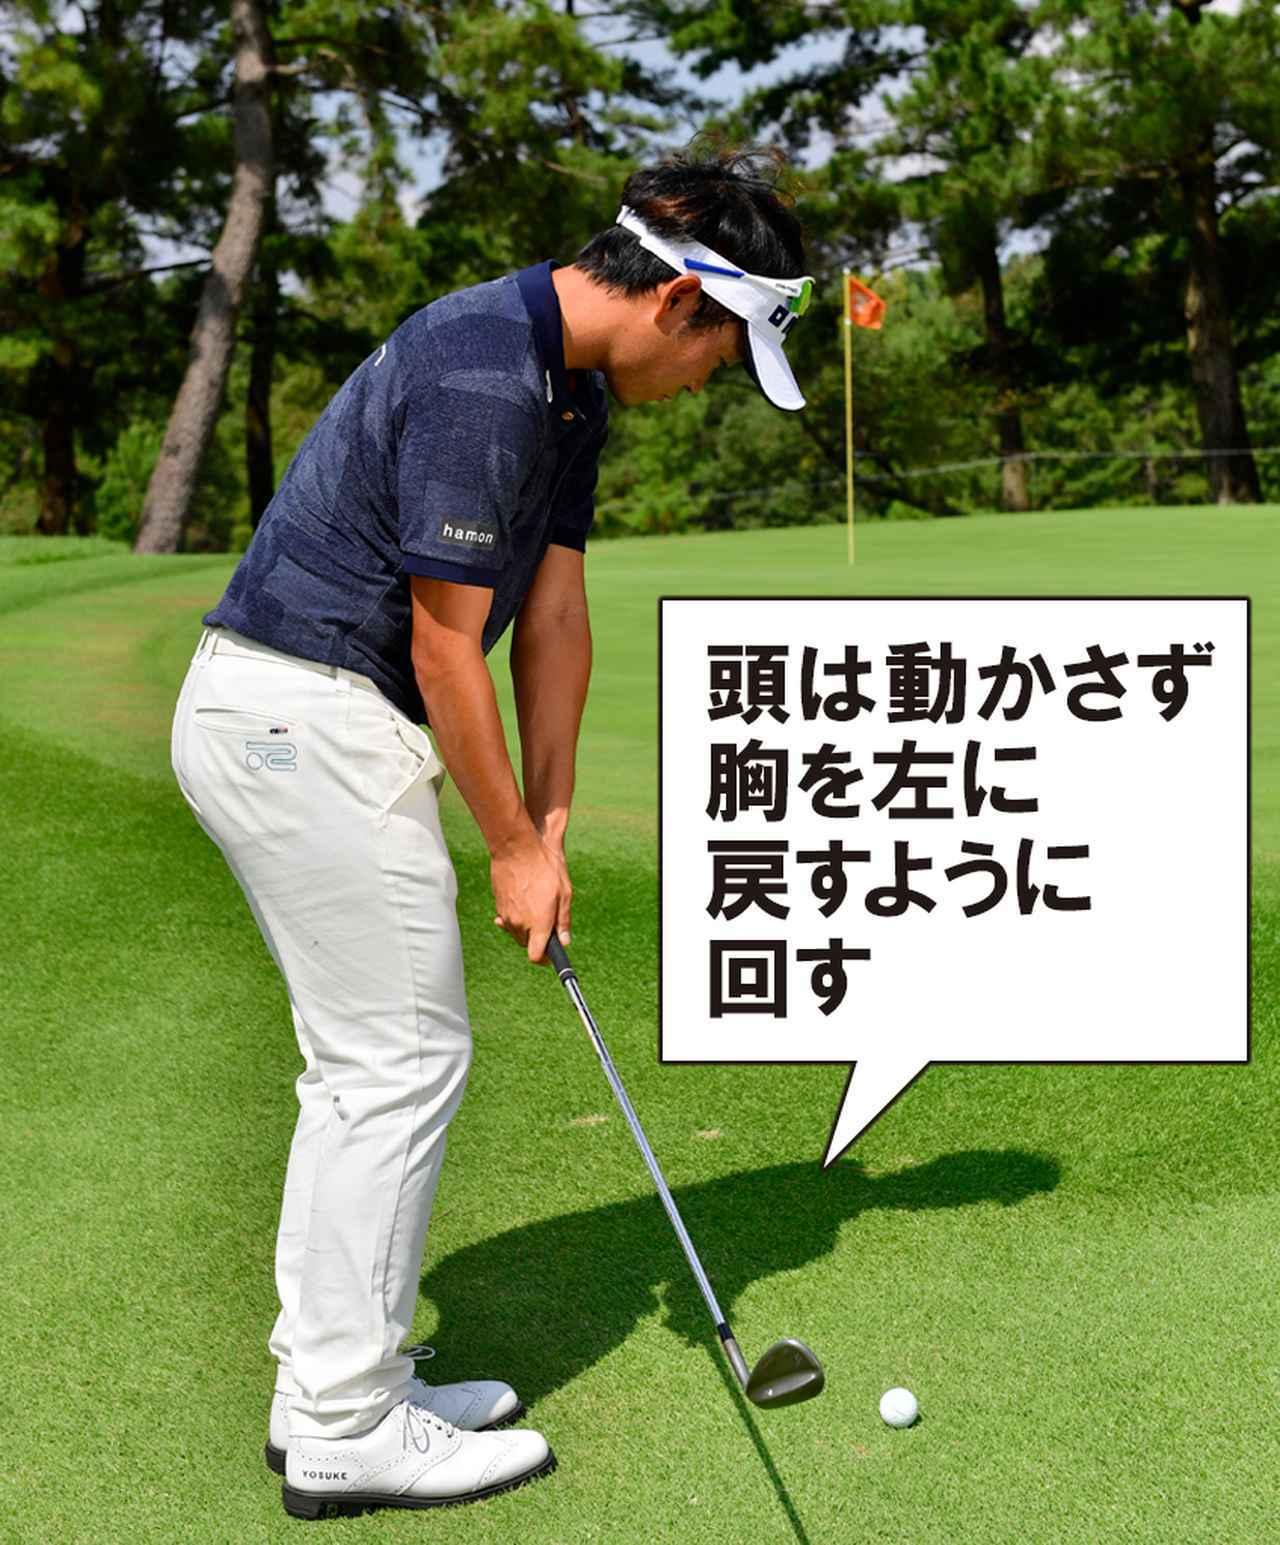 画像3: 【アプローチ】ザックリが消えて、距離感が良くなる、ドロー回転アプローチ① 石川遼はインサイドアウト軌道、その打ち方とは?